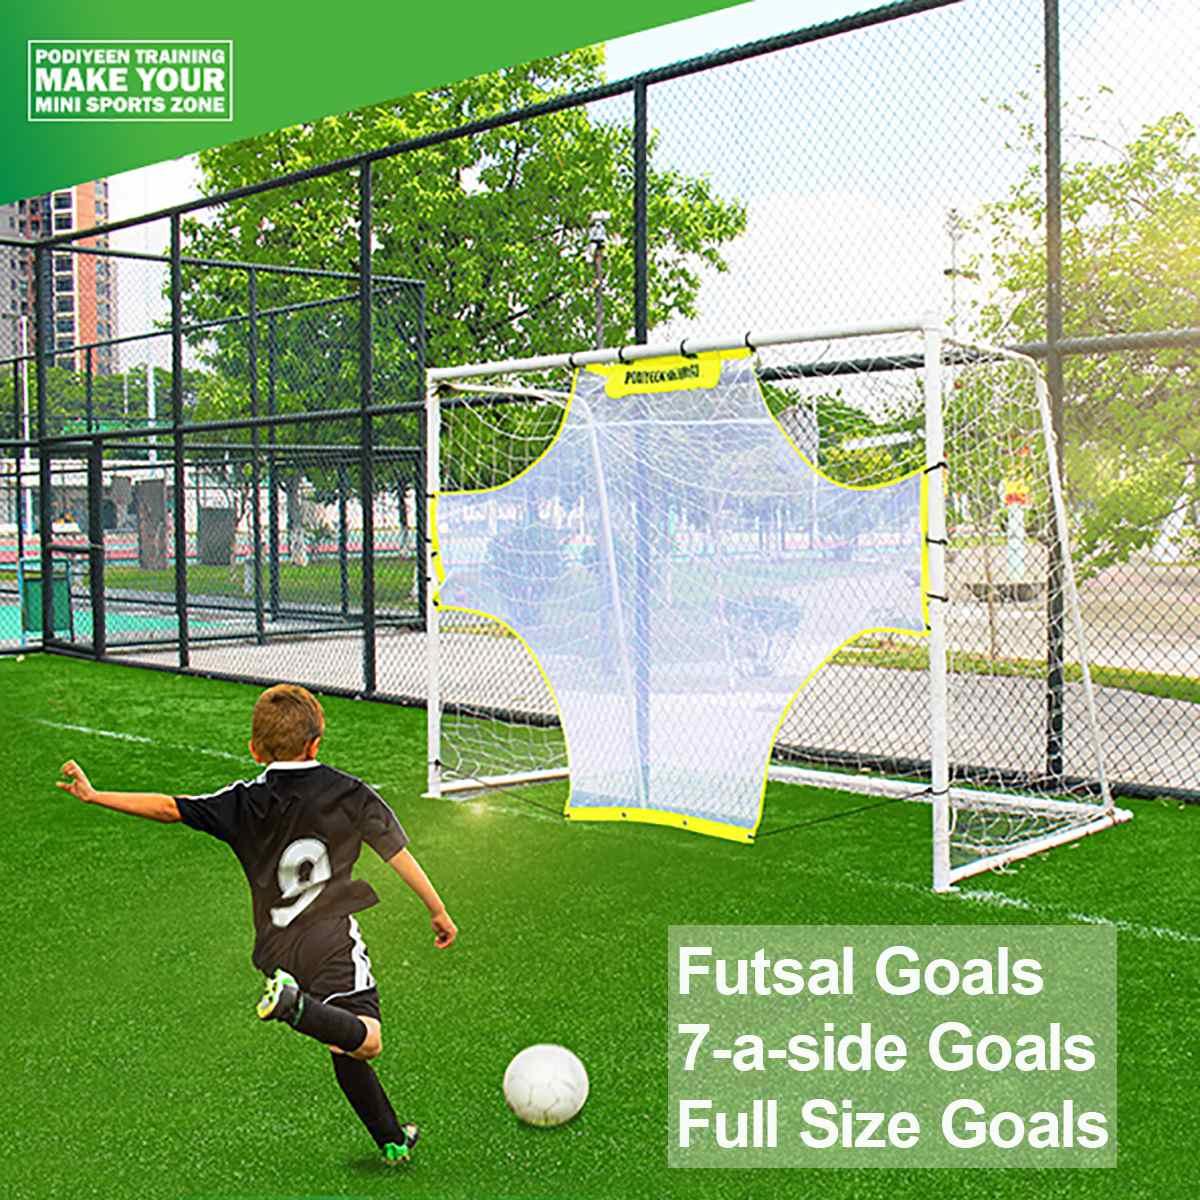 تدريب كرة القدم هدف كرة القدم ممارسة التدريب النار شبكة المرمى كرة القدم المحمولة للأطفال الطلاب كرة القدم أداة التدريب كرة القدم Aliexpress